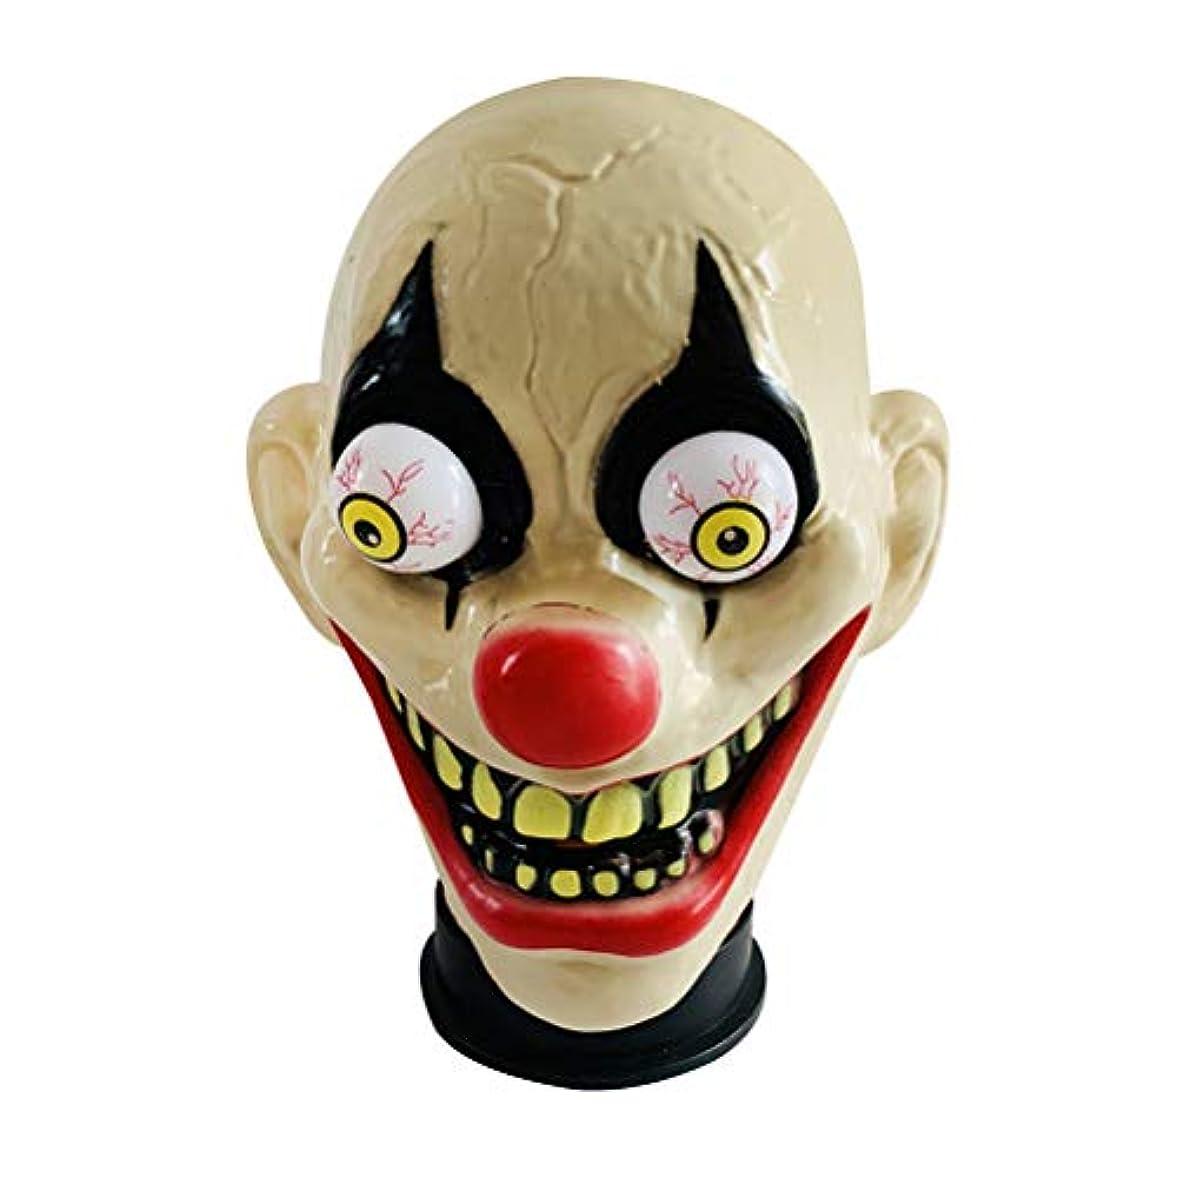 強制ギャロップエレクトロニックBESTOYARD ハロウィーン怖いピエロマスクテロホラーピエロヘッドカバーハロウィンコスプレパーティー用男性用マスク(ピエロタイプ)